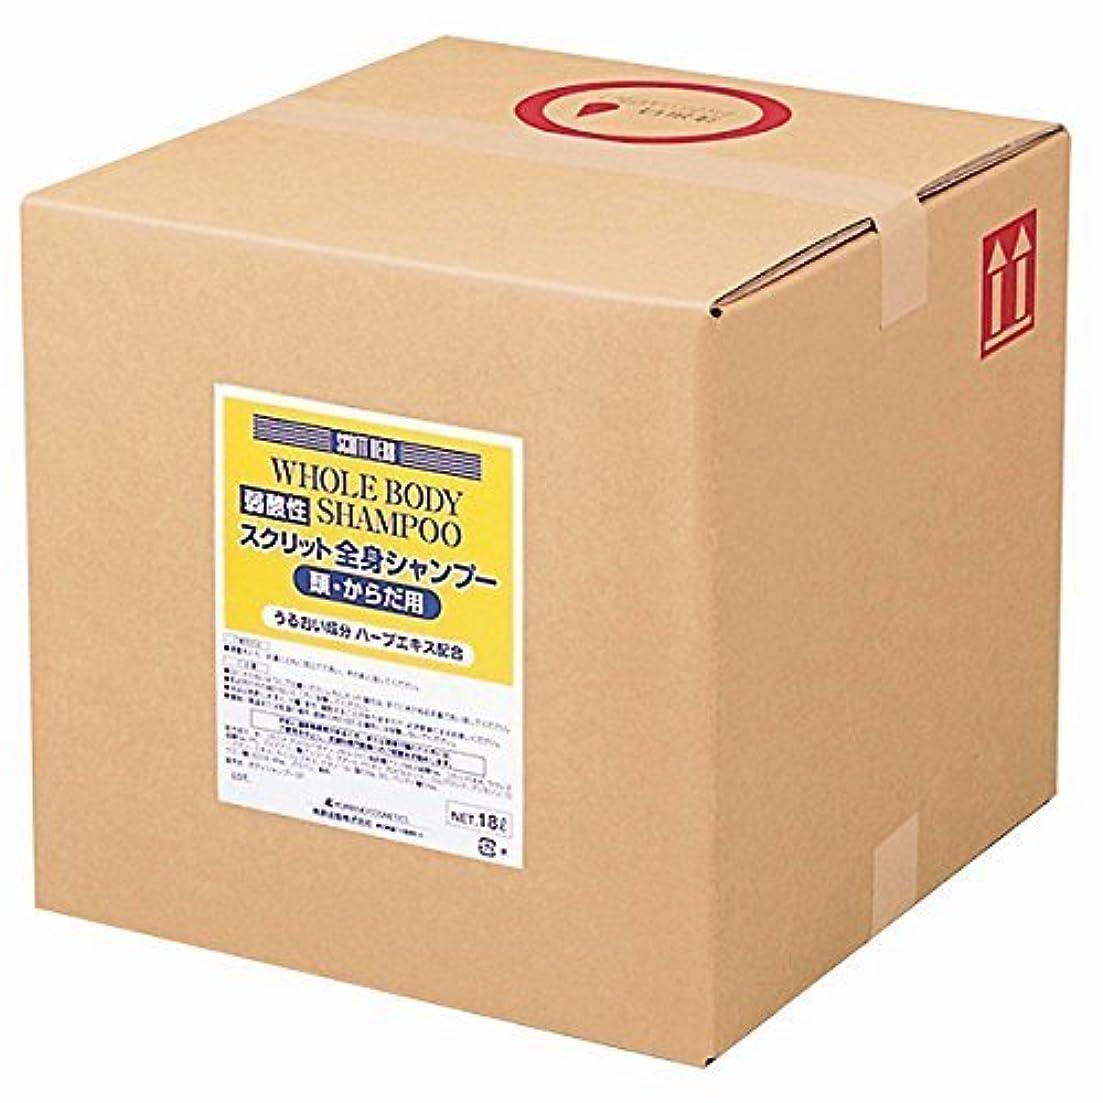 輪郭乳白広告する業務用 SCRITT(スクリット) 全身シャンプー 18L 熊野油脂 (コック付き)